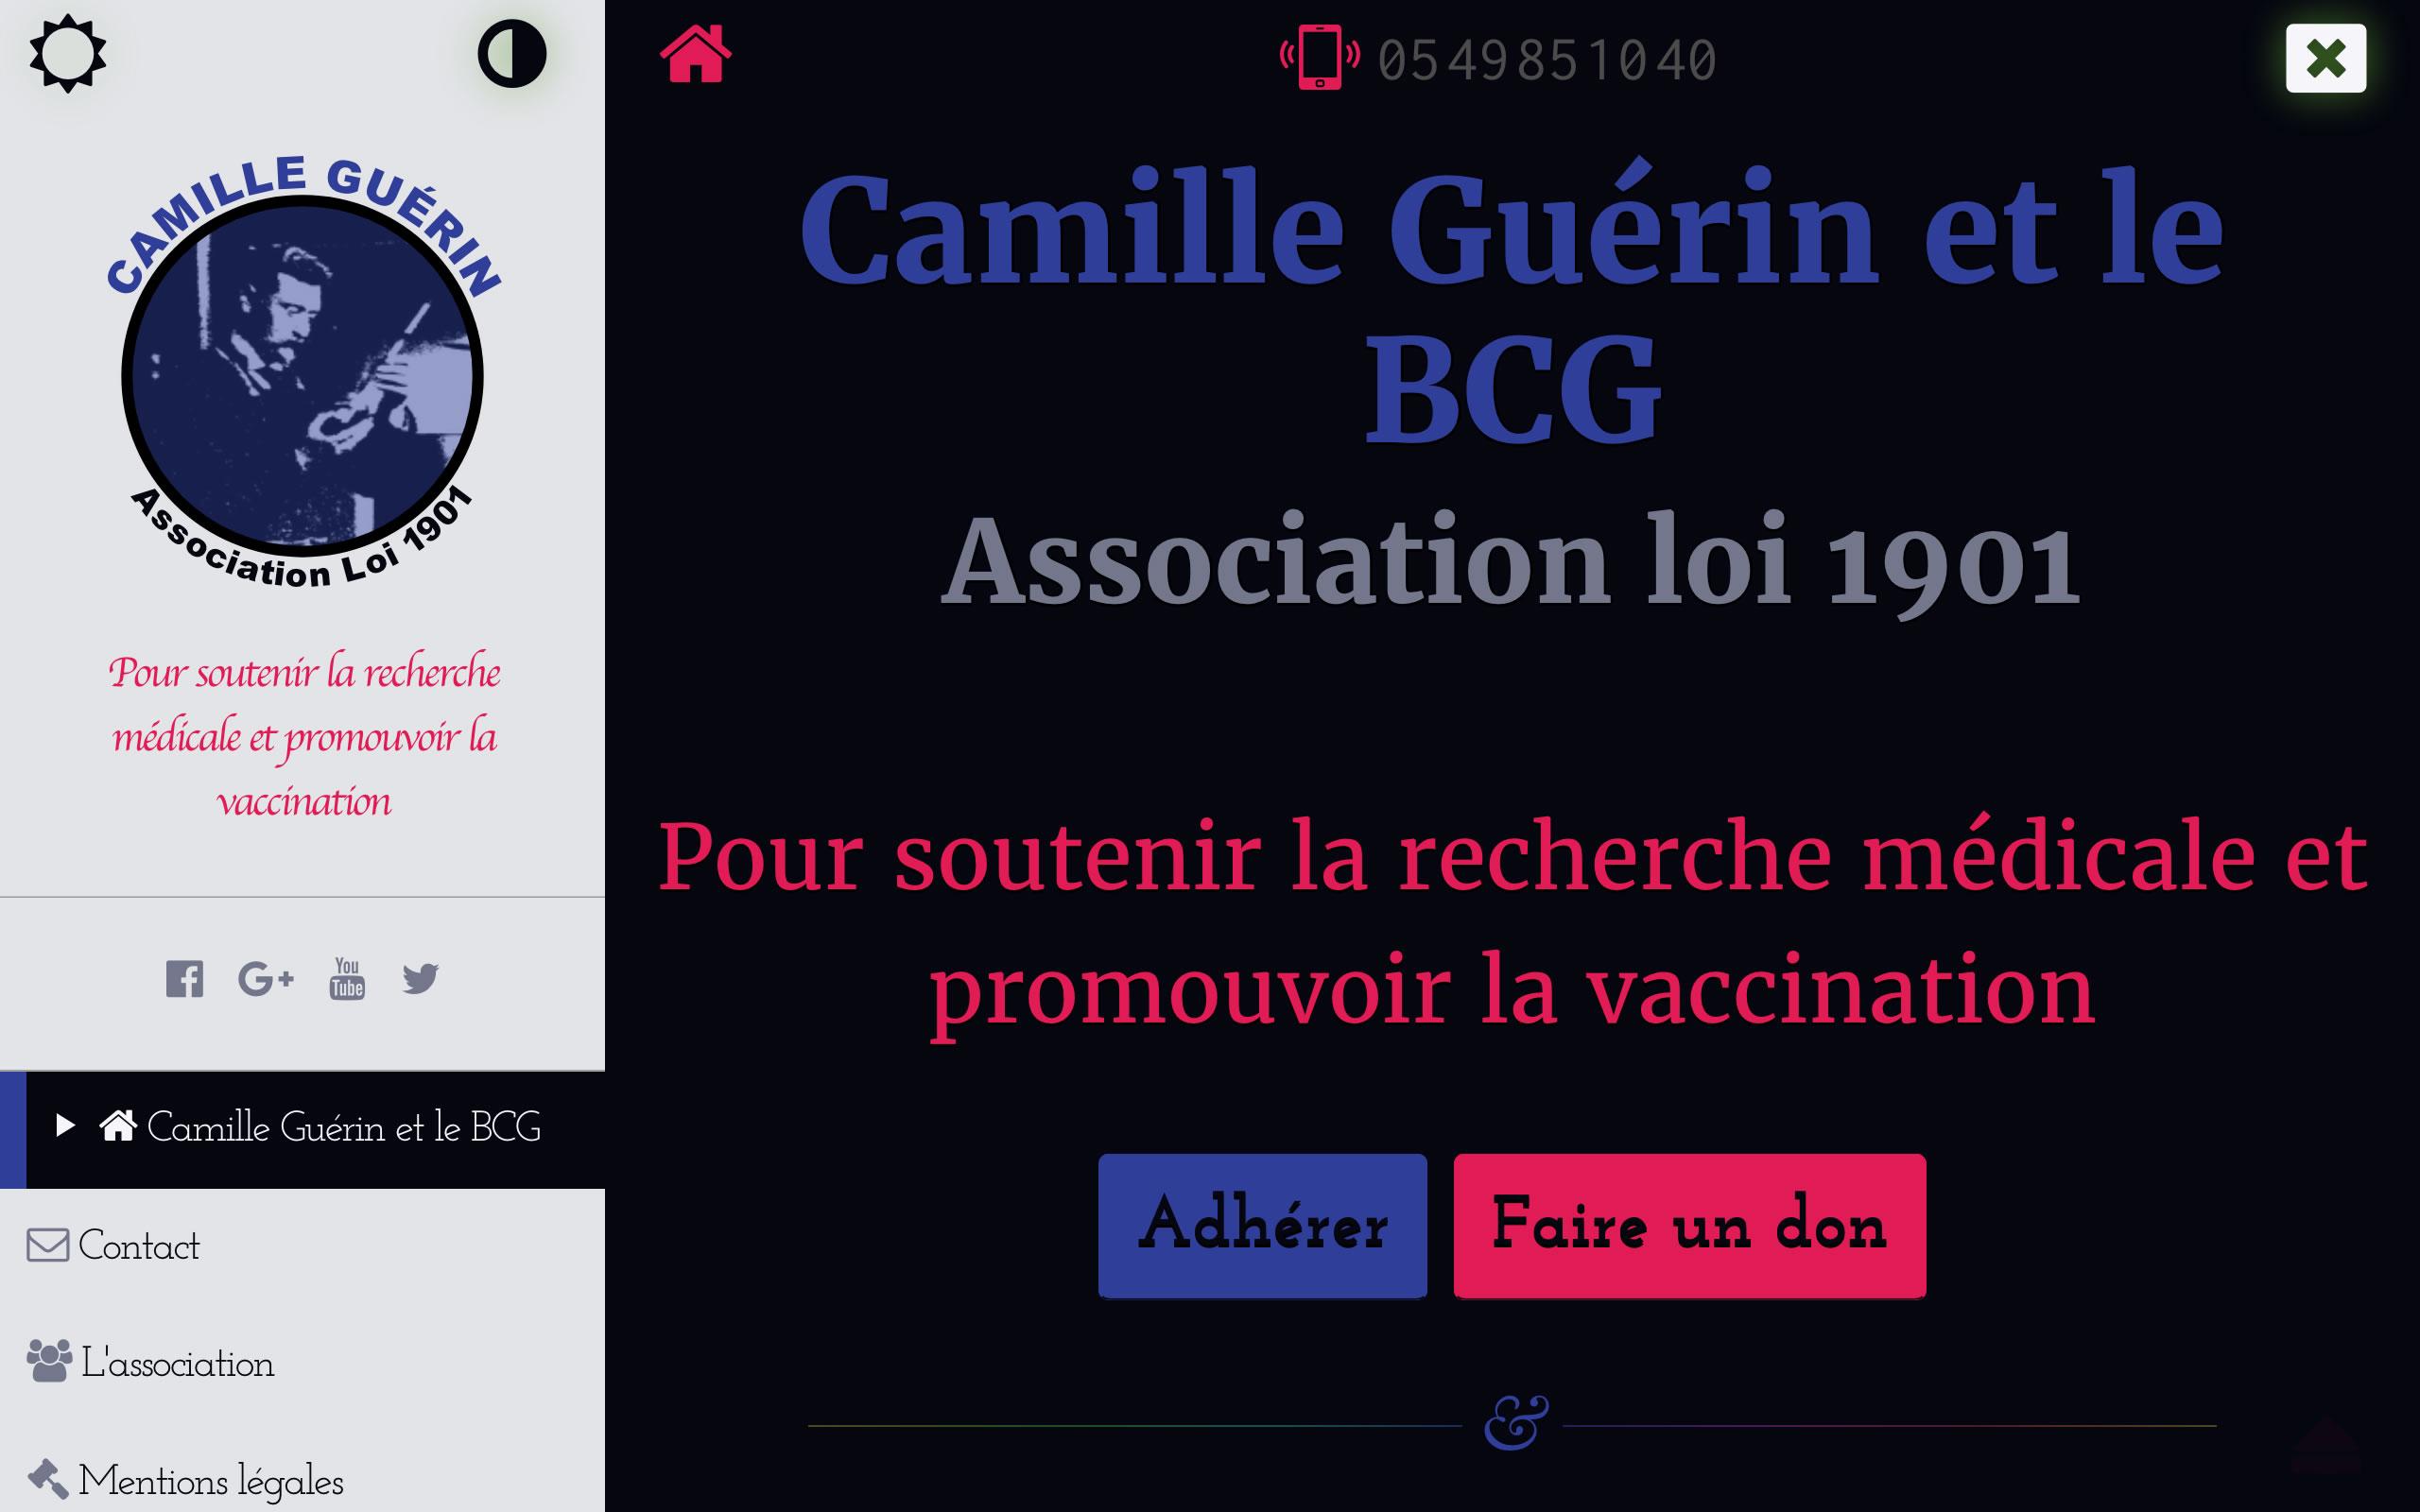 Association Camille Guérrin